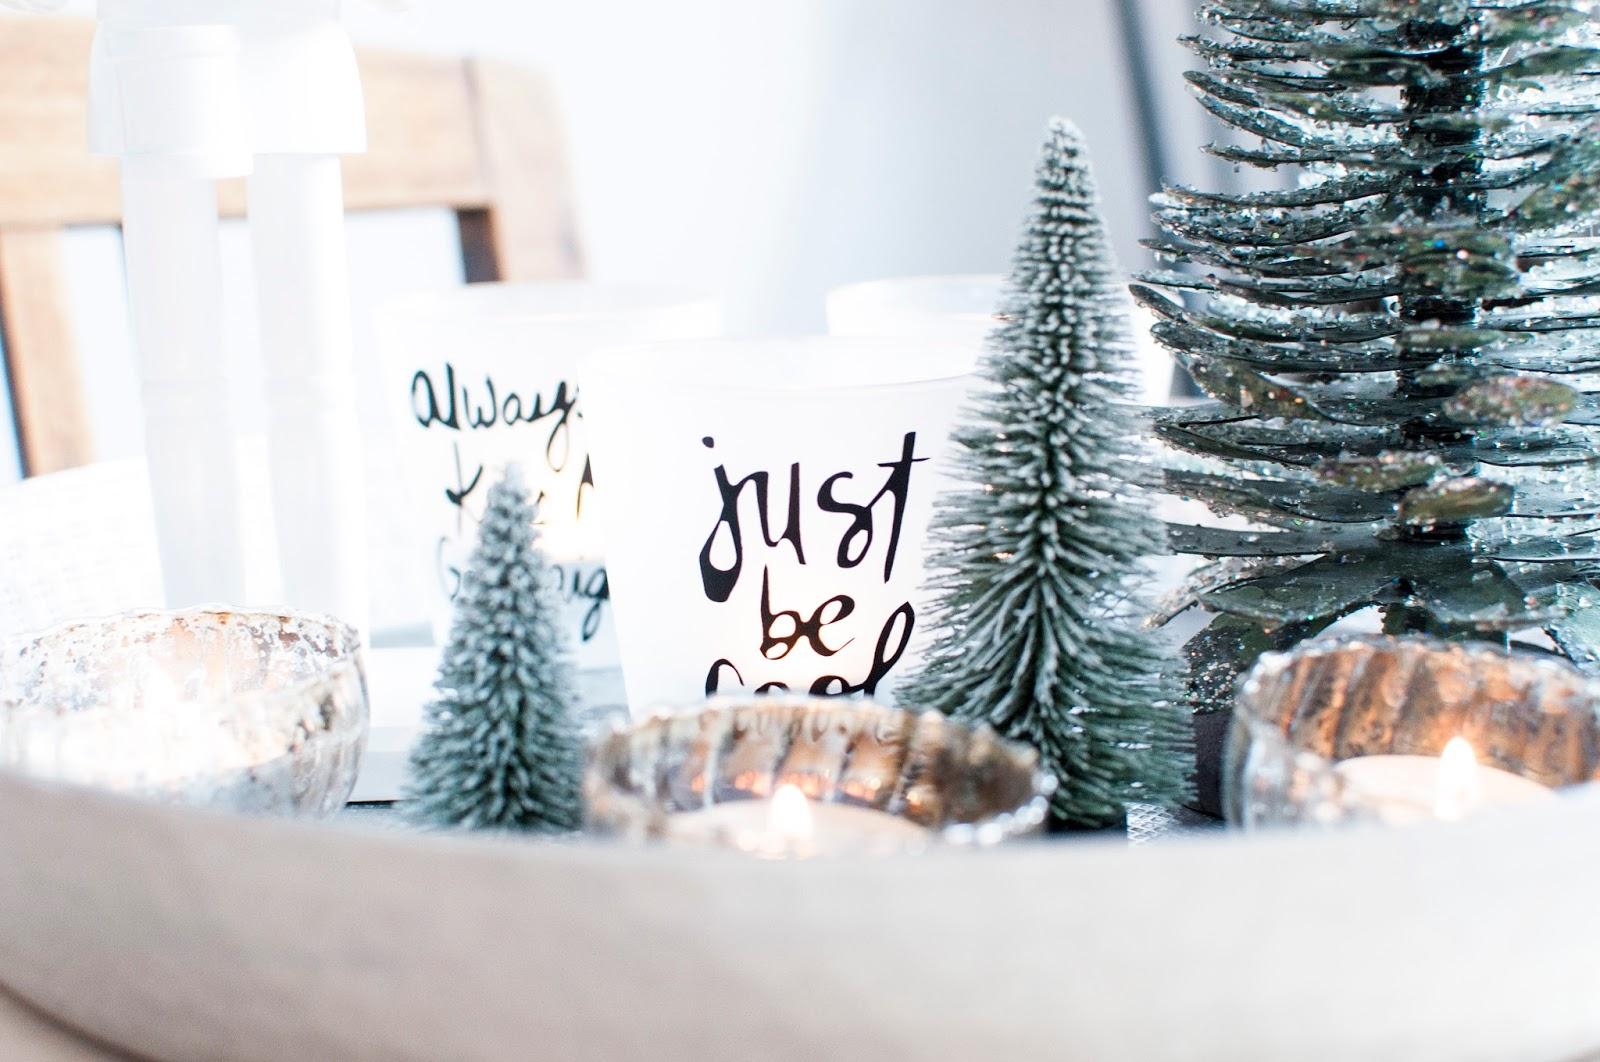 Die Weihnachtsdeko Konnte Ich Kurz Nach Silvester Schon Nicht Mehr Sehen  Und Habe Sie Wieder In Die Kiste Zum Schlummerschlaf Bis Dezember Gestellt.